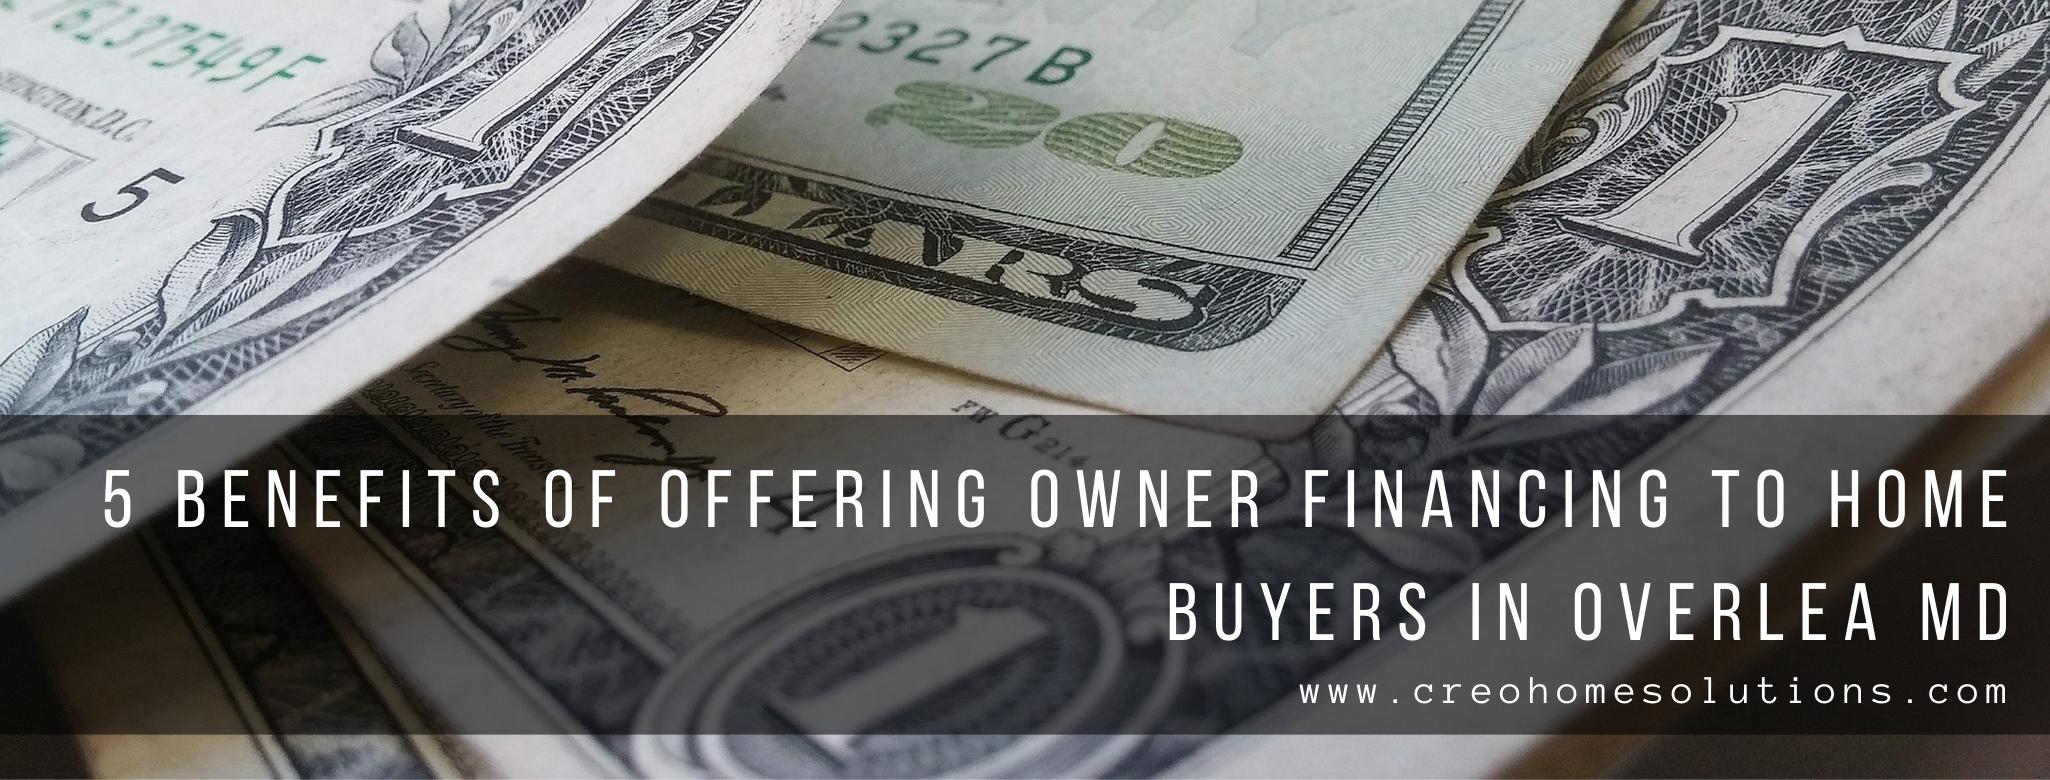 We buy properties in Overlea MD